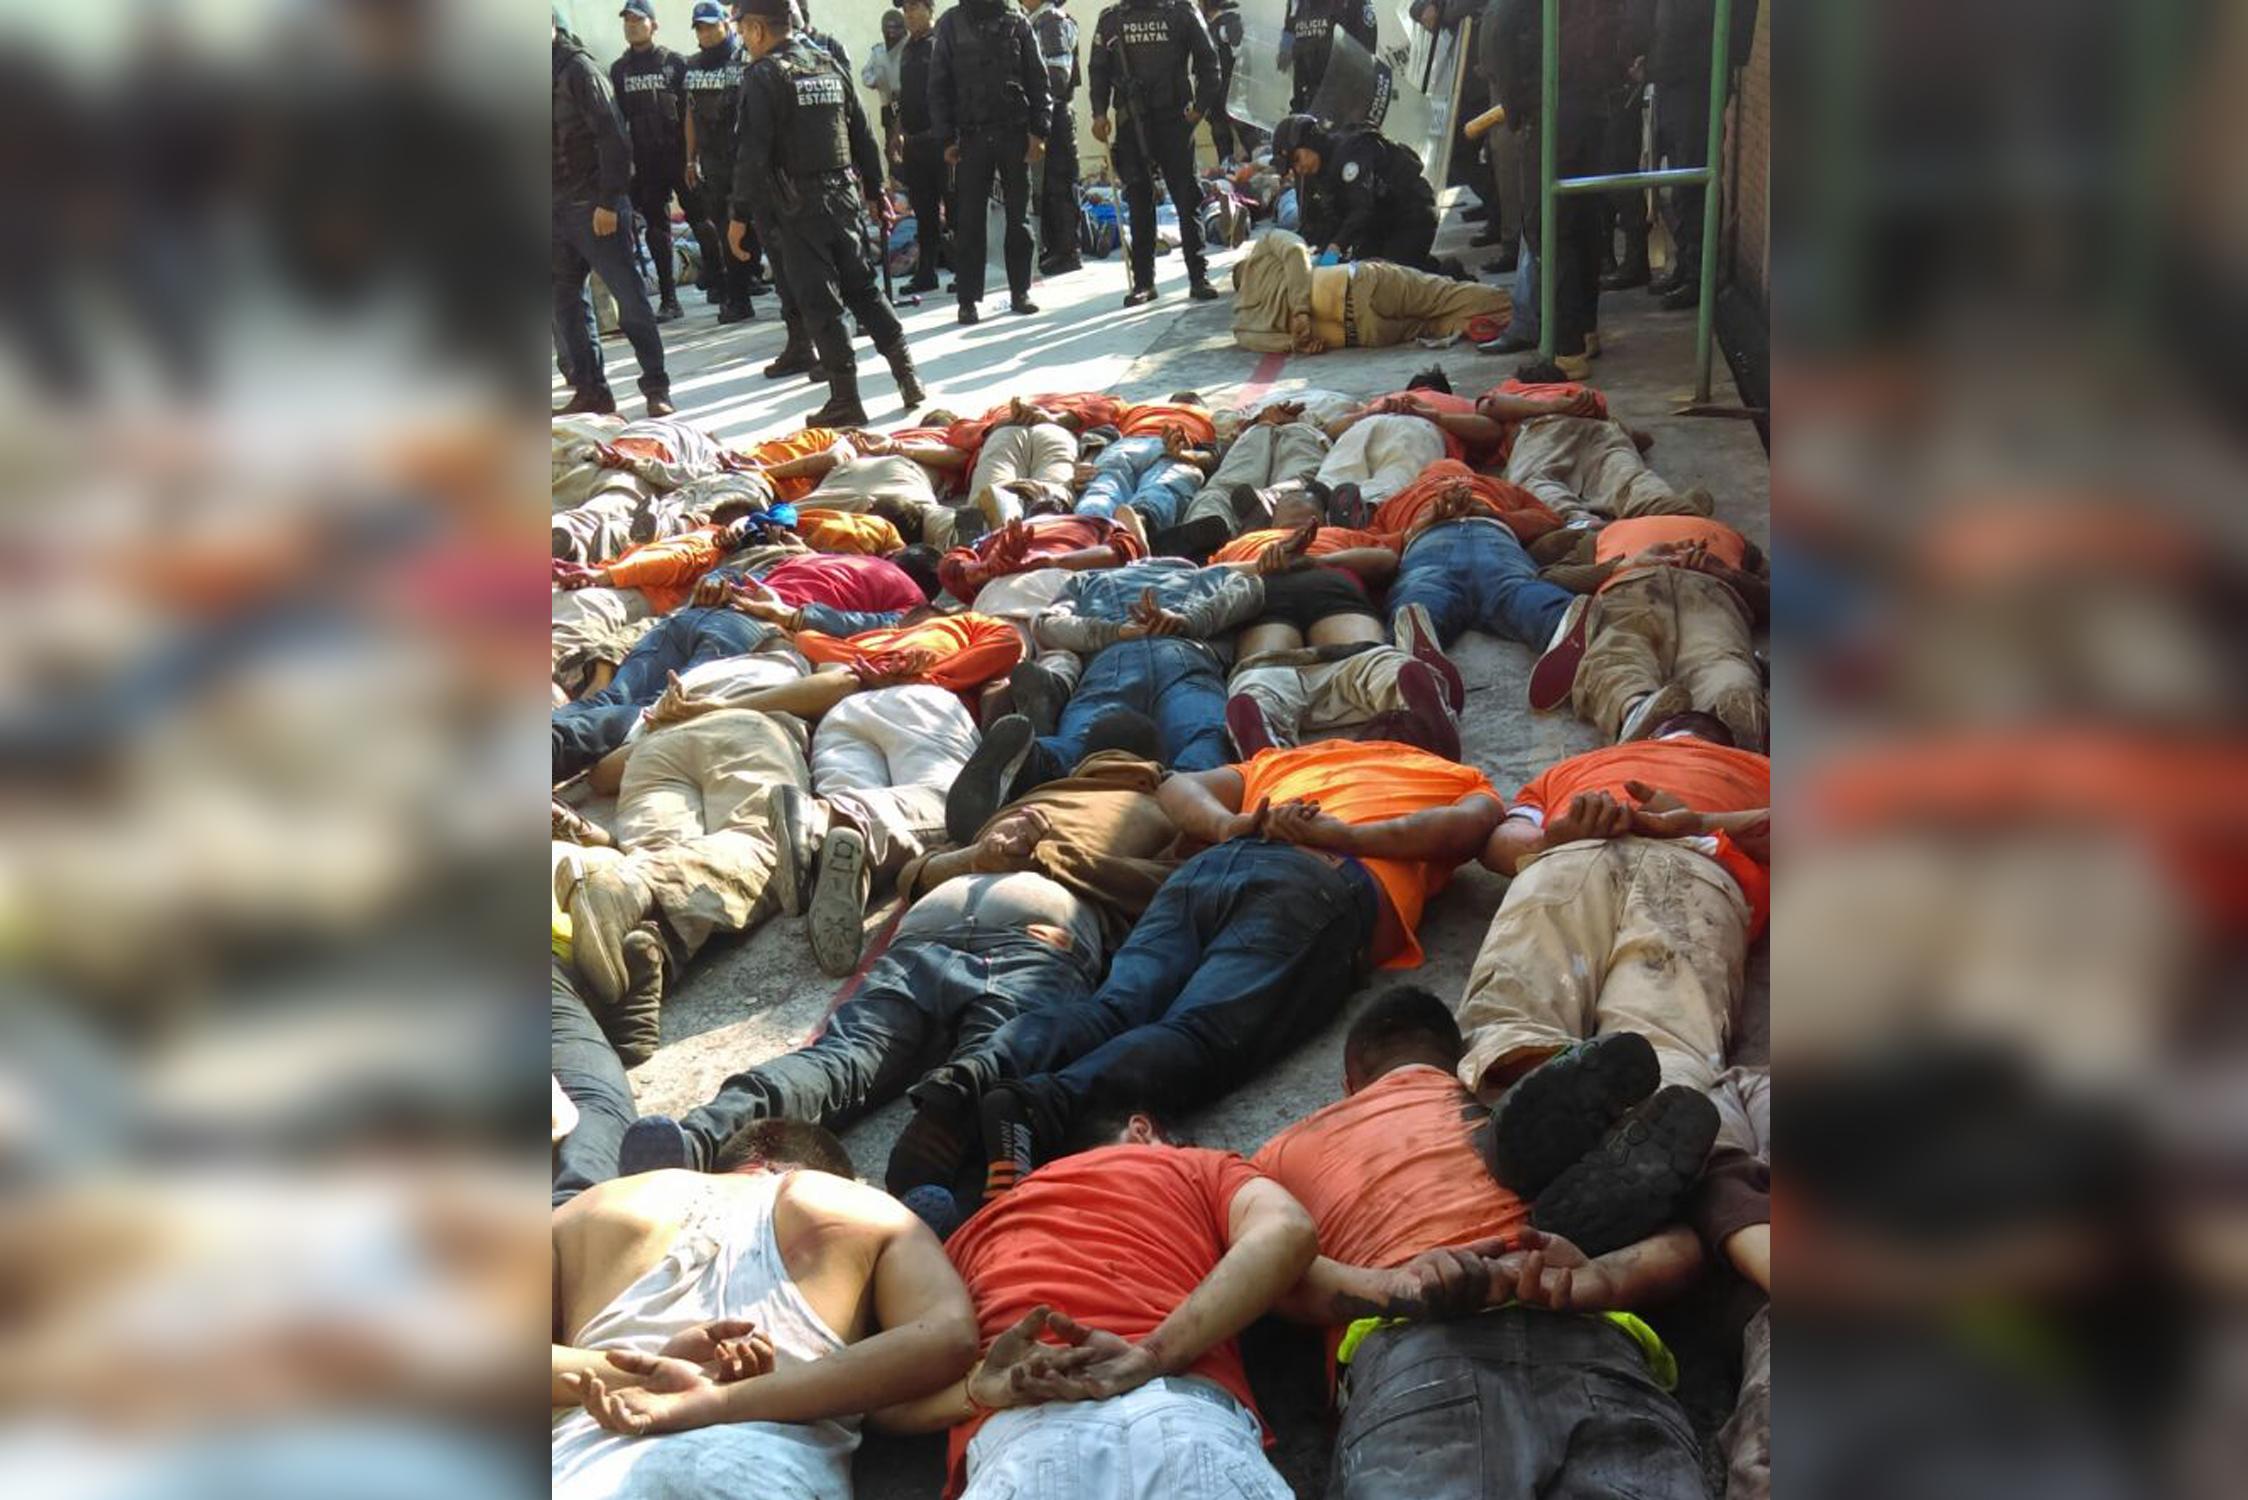 Amparo federal a delincuentes causó motín en La Toma: SSP